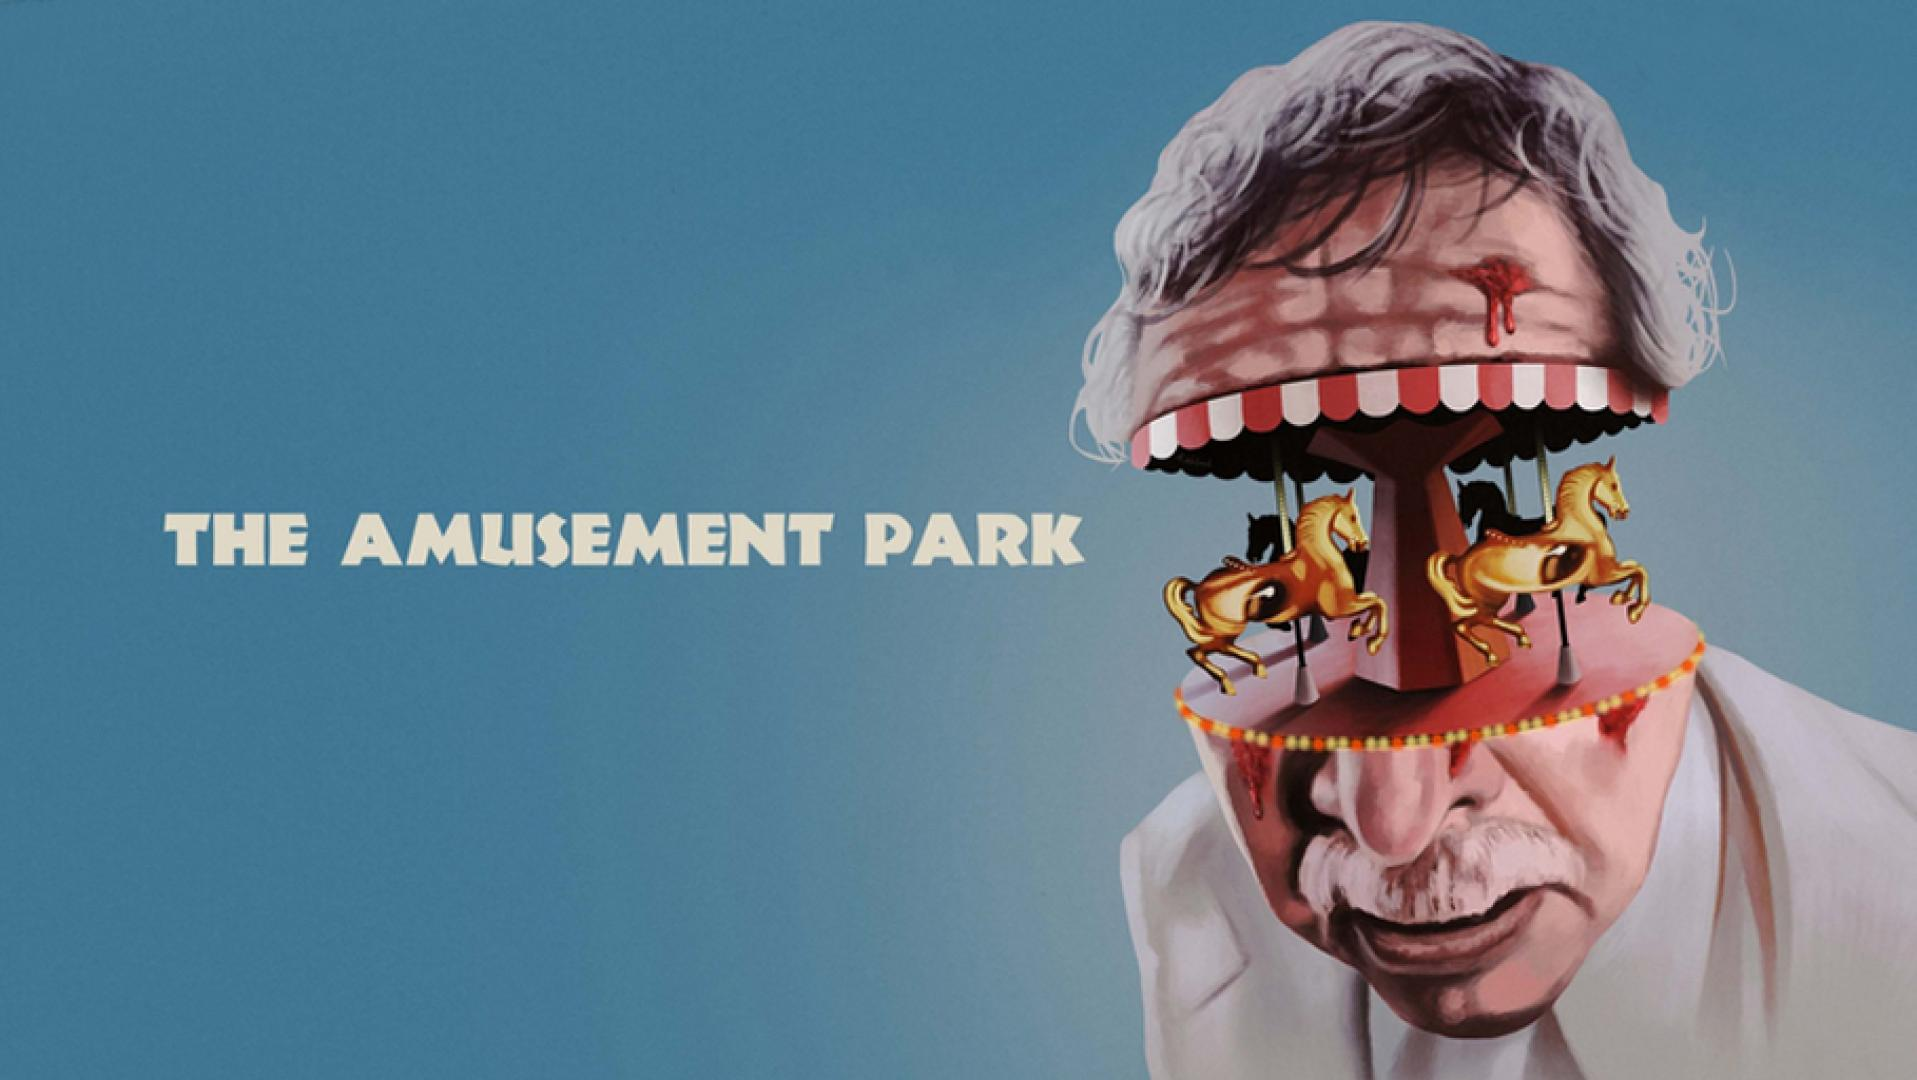 The Amusement Park (1973)